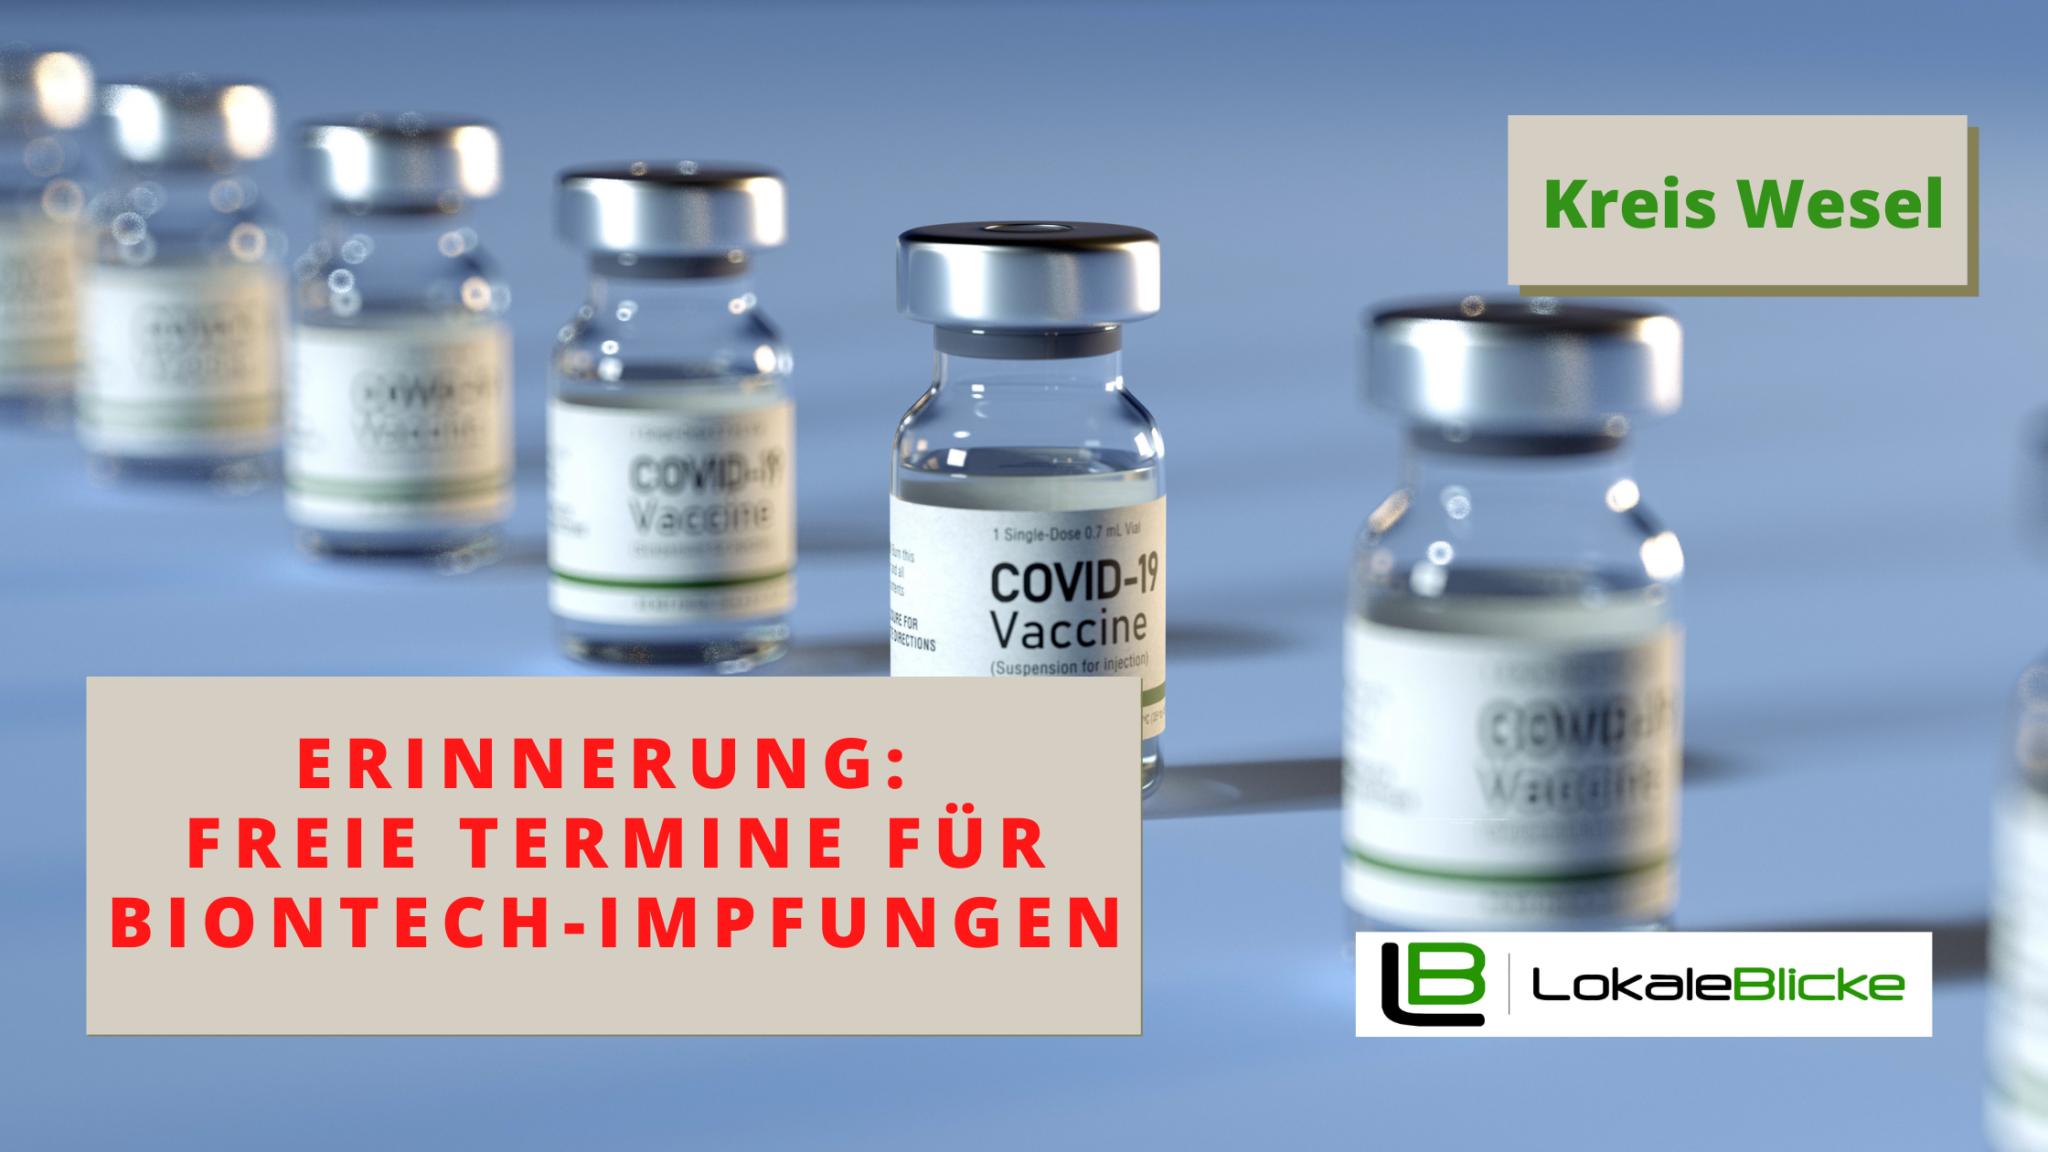 Erinnerung: Freie Termine für BionTech-Impfungen